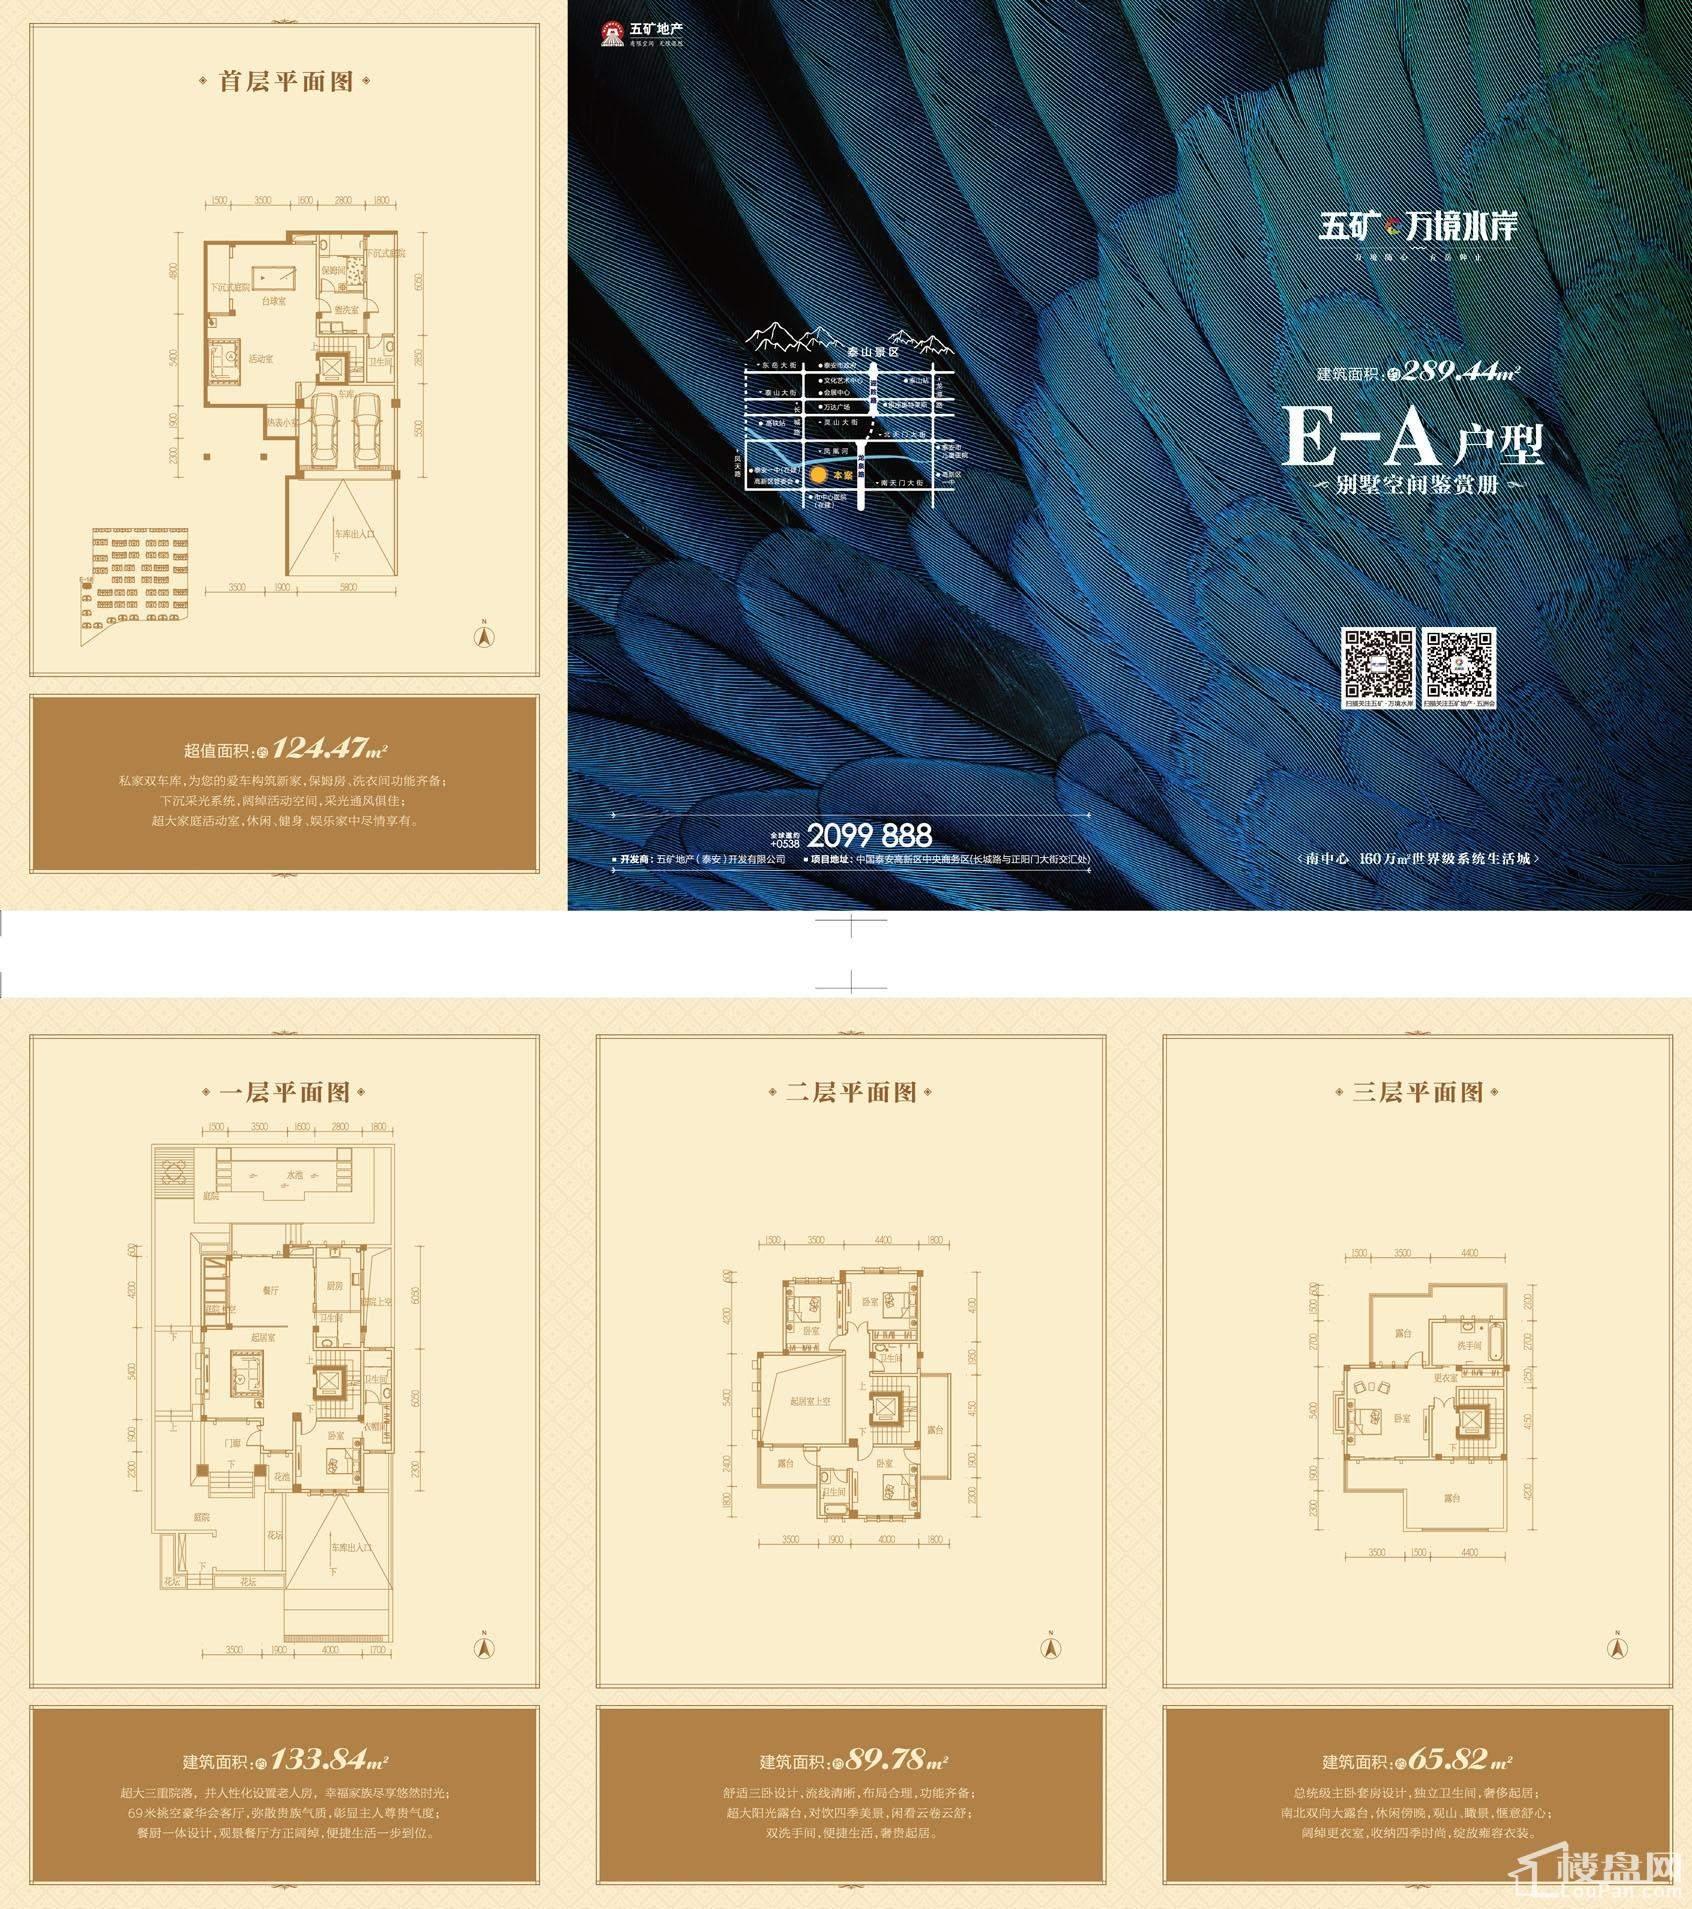 别墅户型E-A地上建筑面积289.44+赠送面积124.47